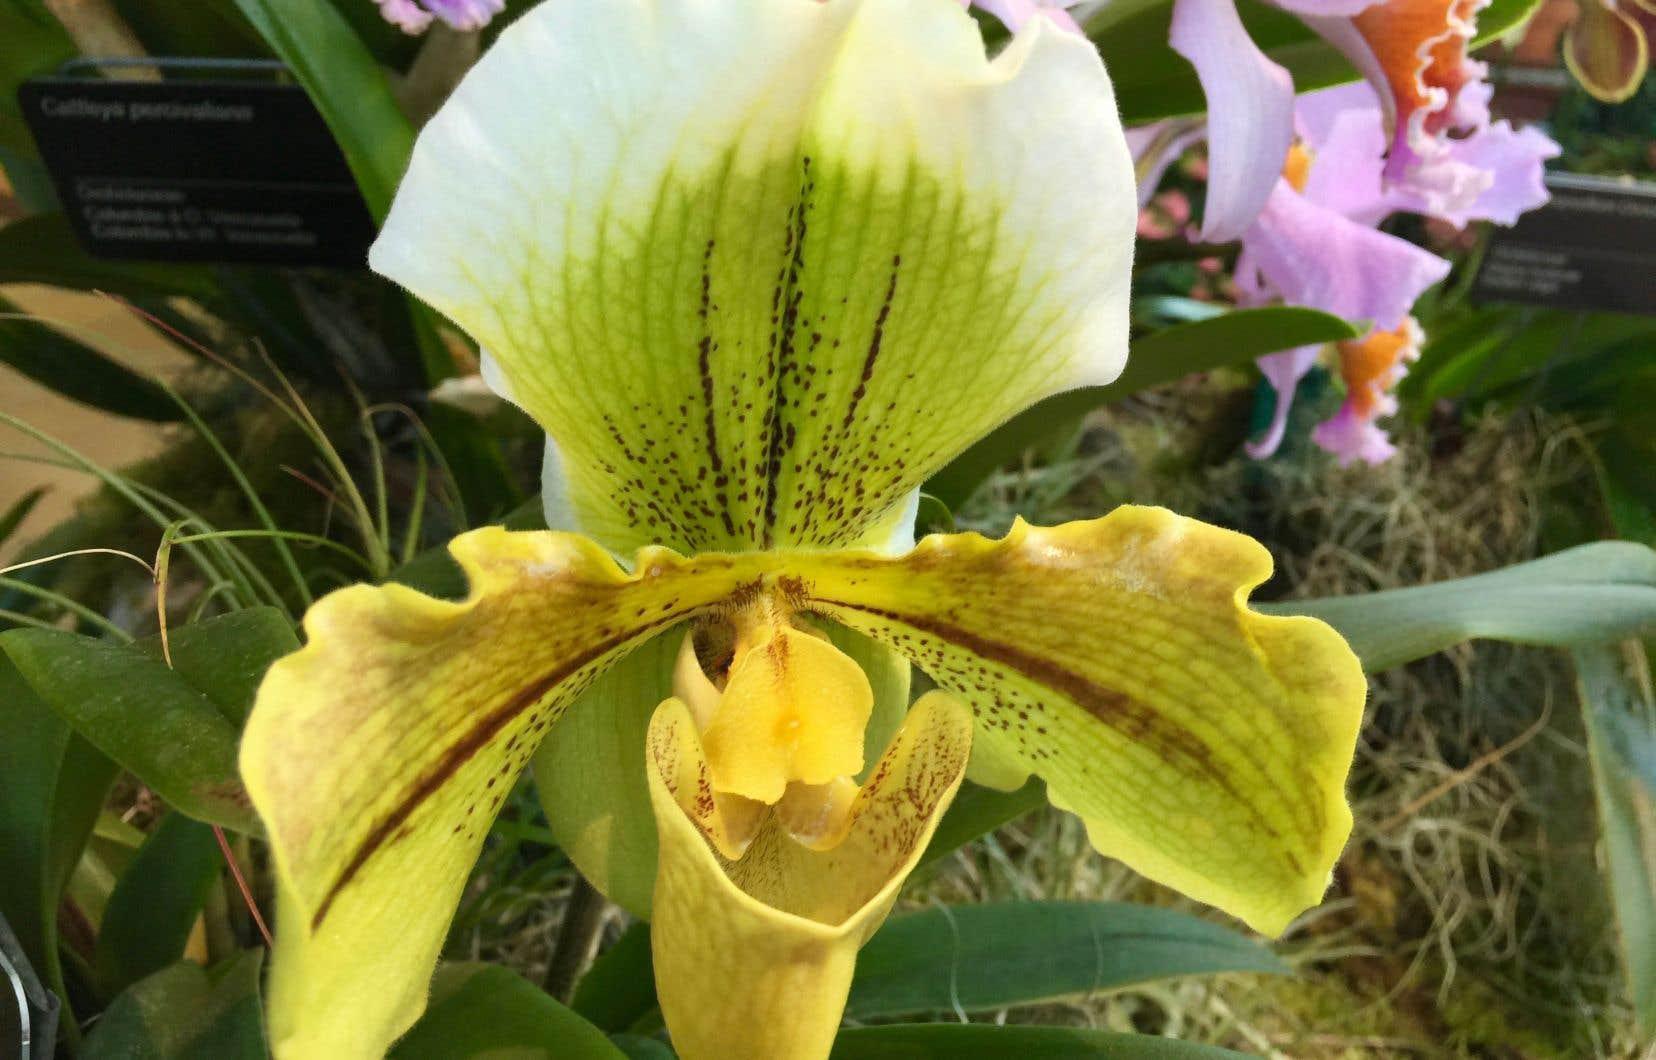 La collection d'orchidées au Jardin botanique de Montréal est l'une des plus importantes d'Amérique du Nord.